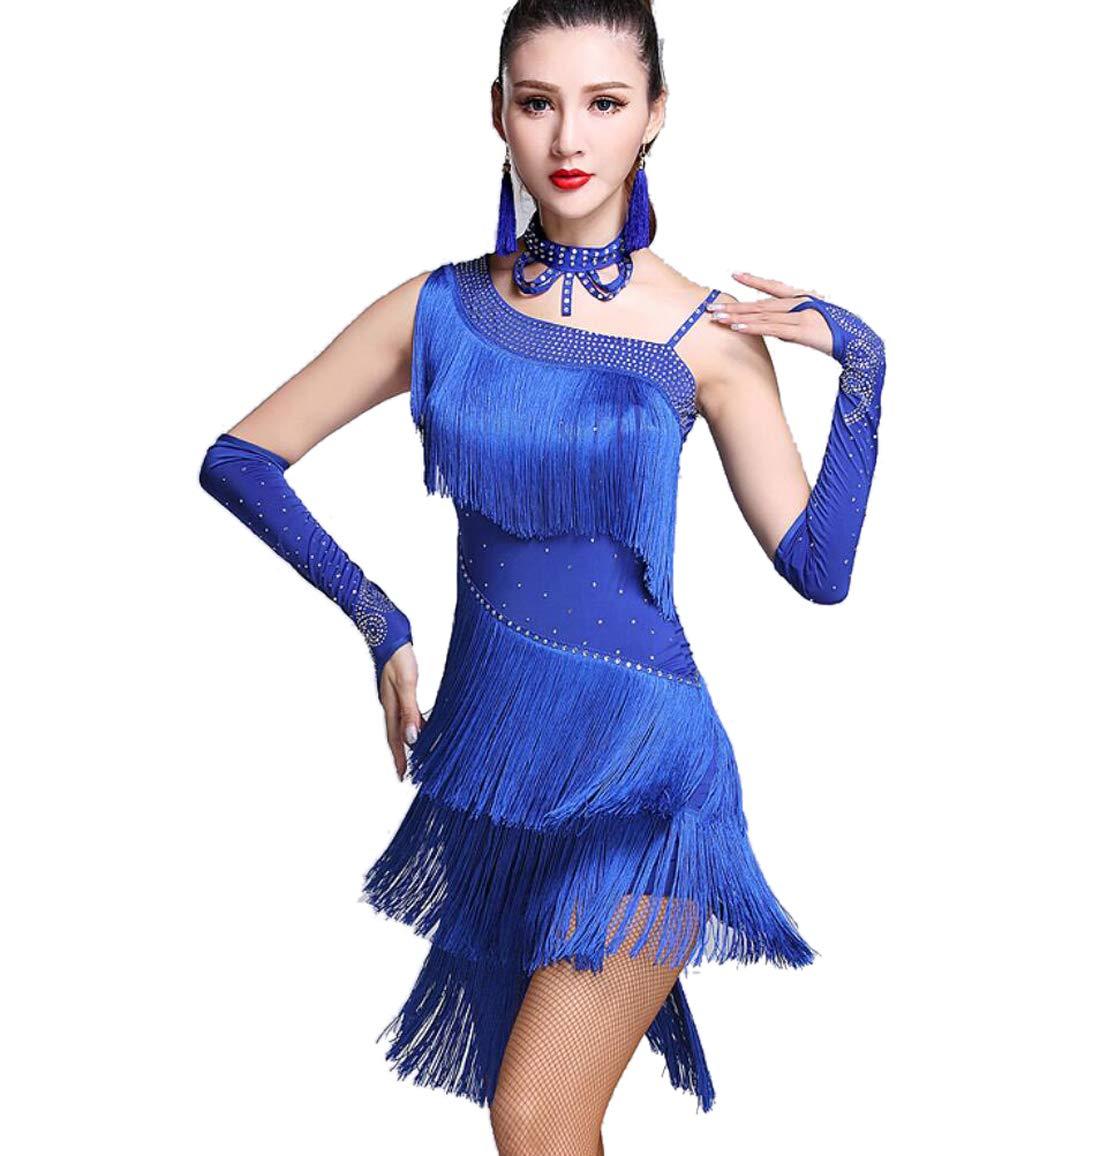 SMACO Adult Latin Dance Kostüm Ballsaal Latin Dance Kleider ärmellose Strasssteine Perlen Latin Ballsaal Kleider B07PY863YW Bekleidung Komfortabel und natürlich